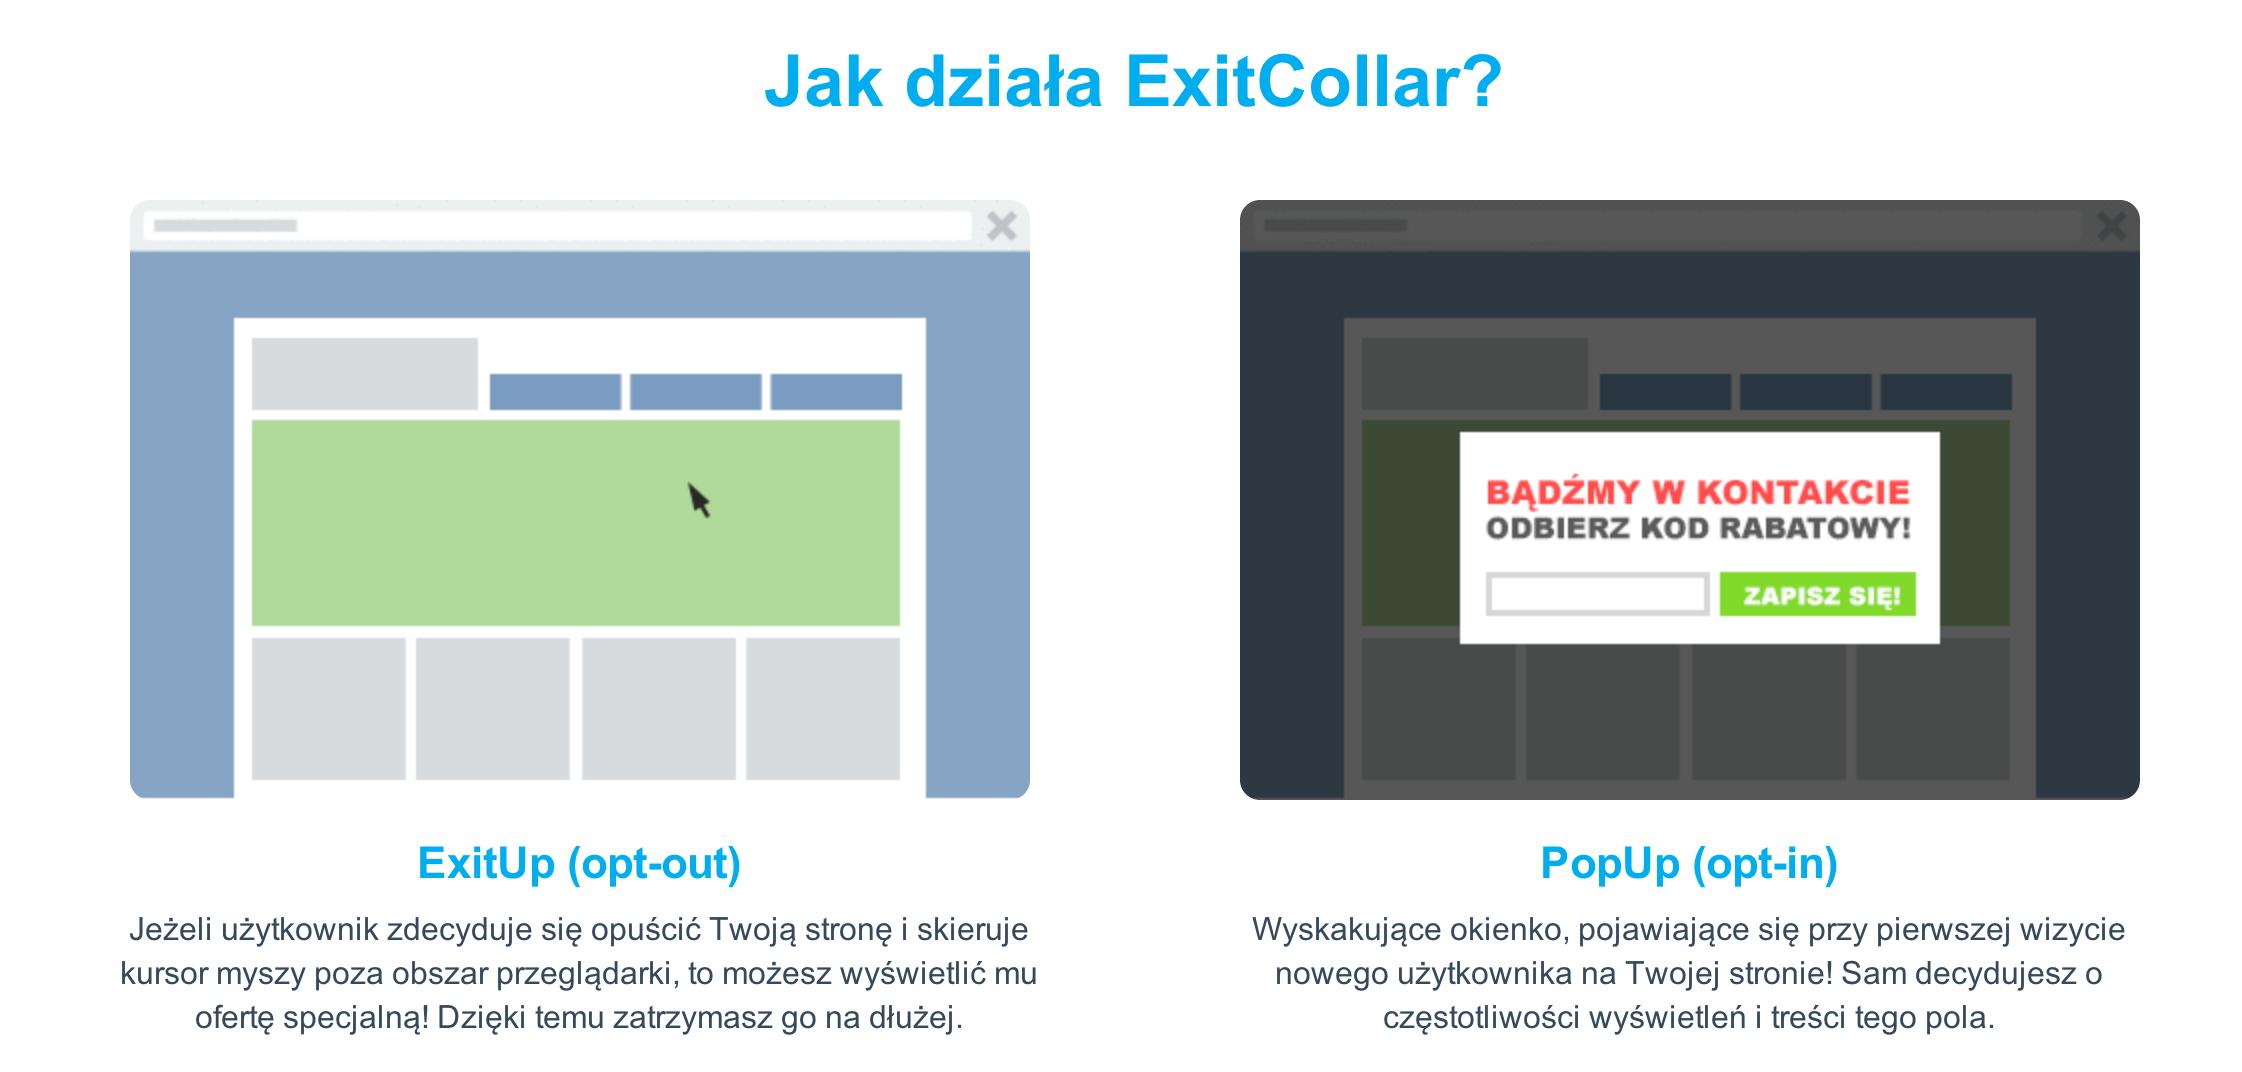 Jak działa Exit Collar